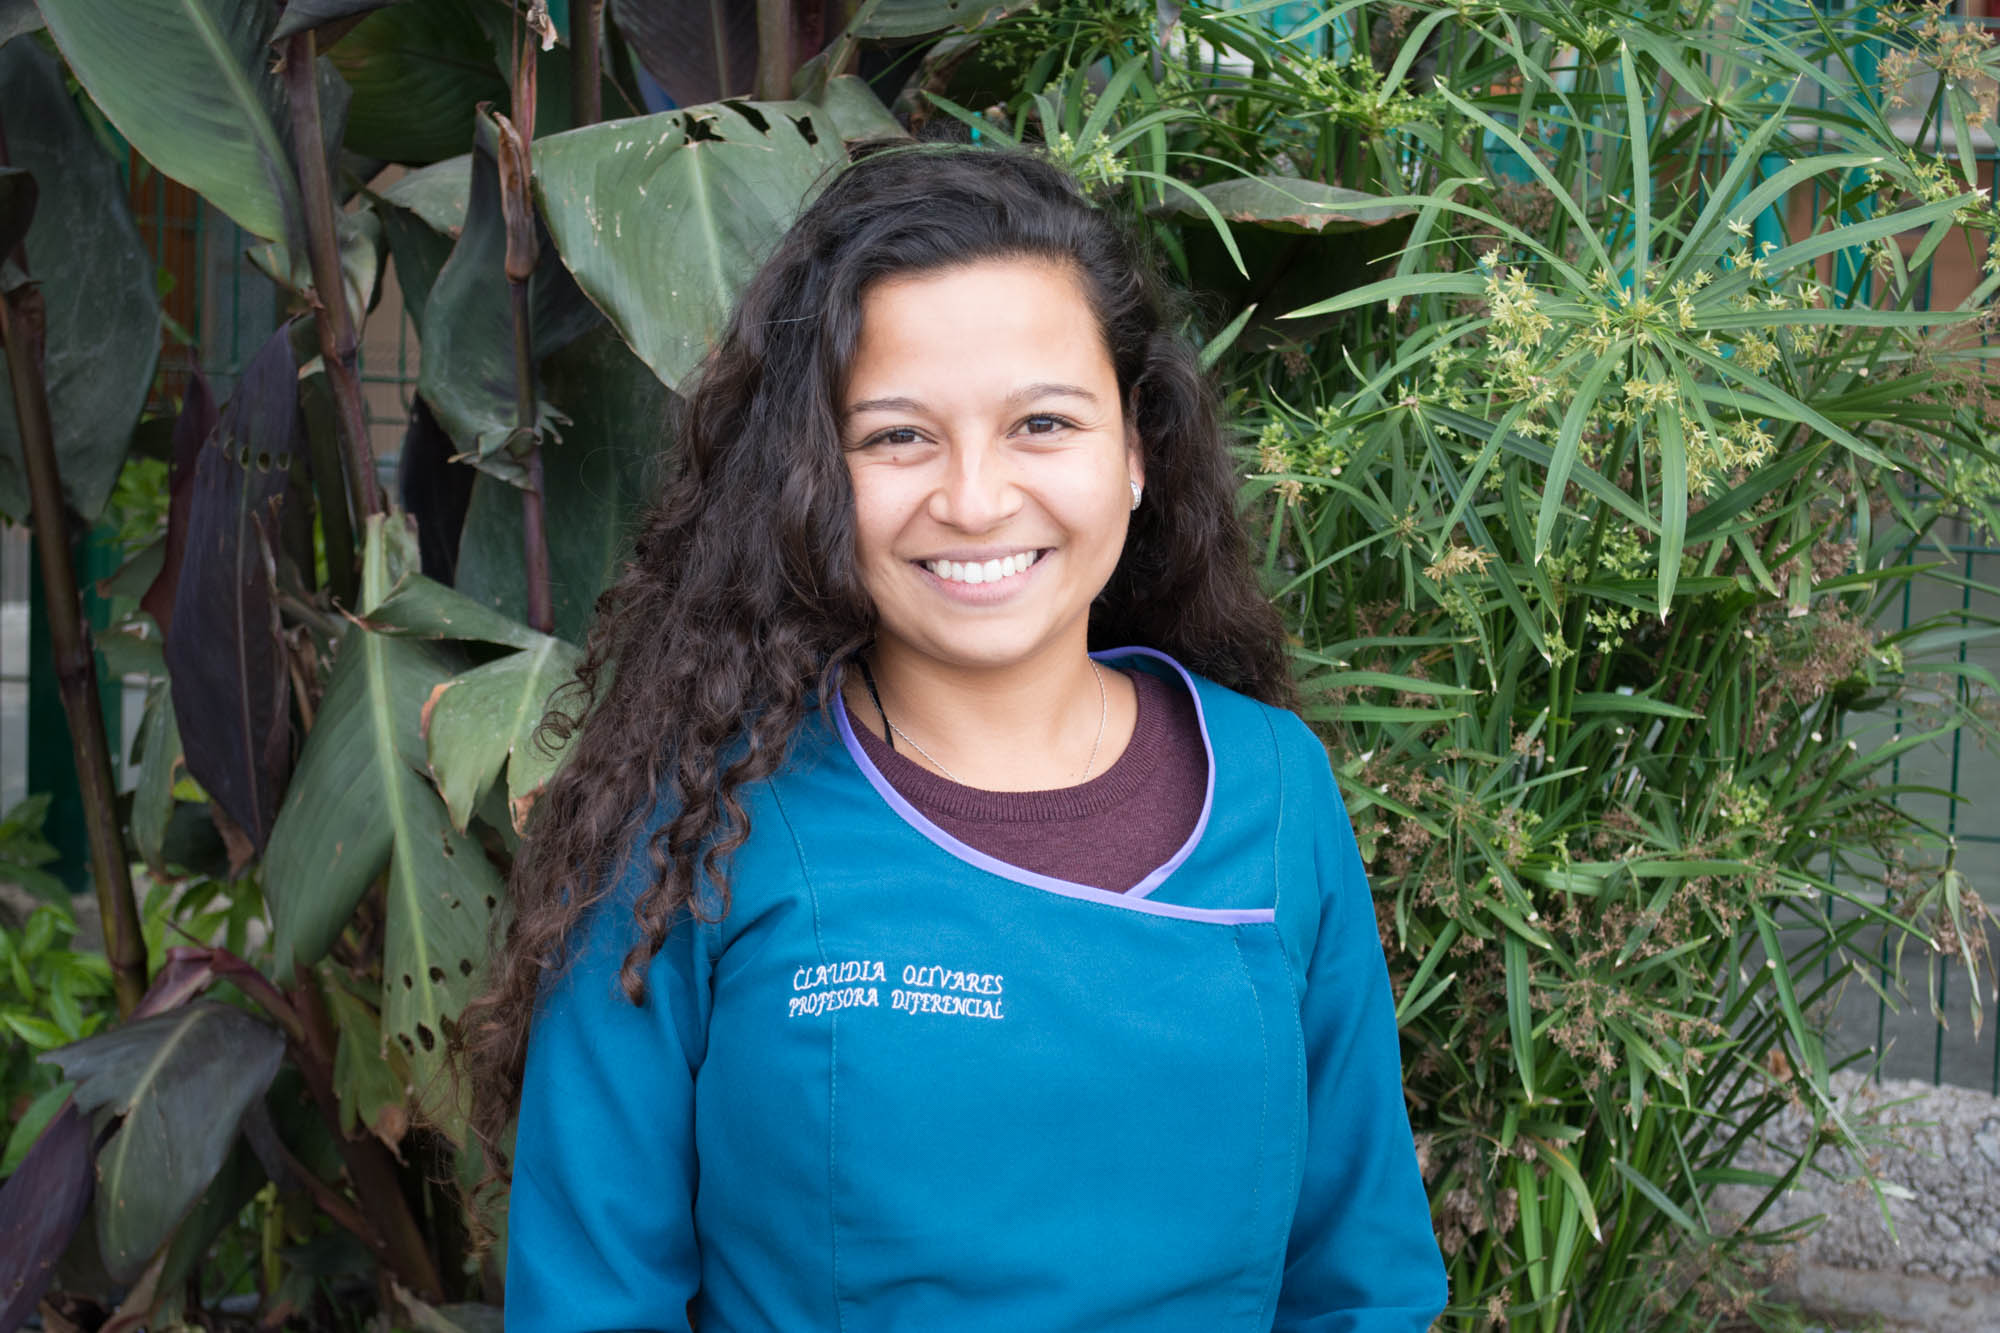 Claudia Olivares Godoy, Educadora Diferencial, Coordinadora Media